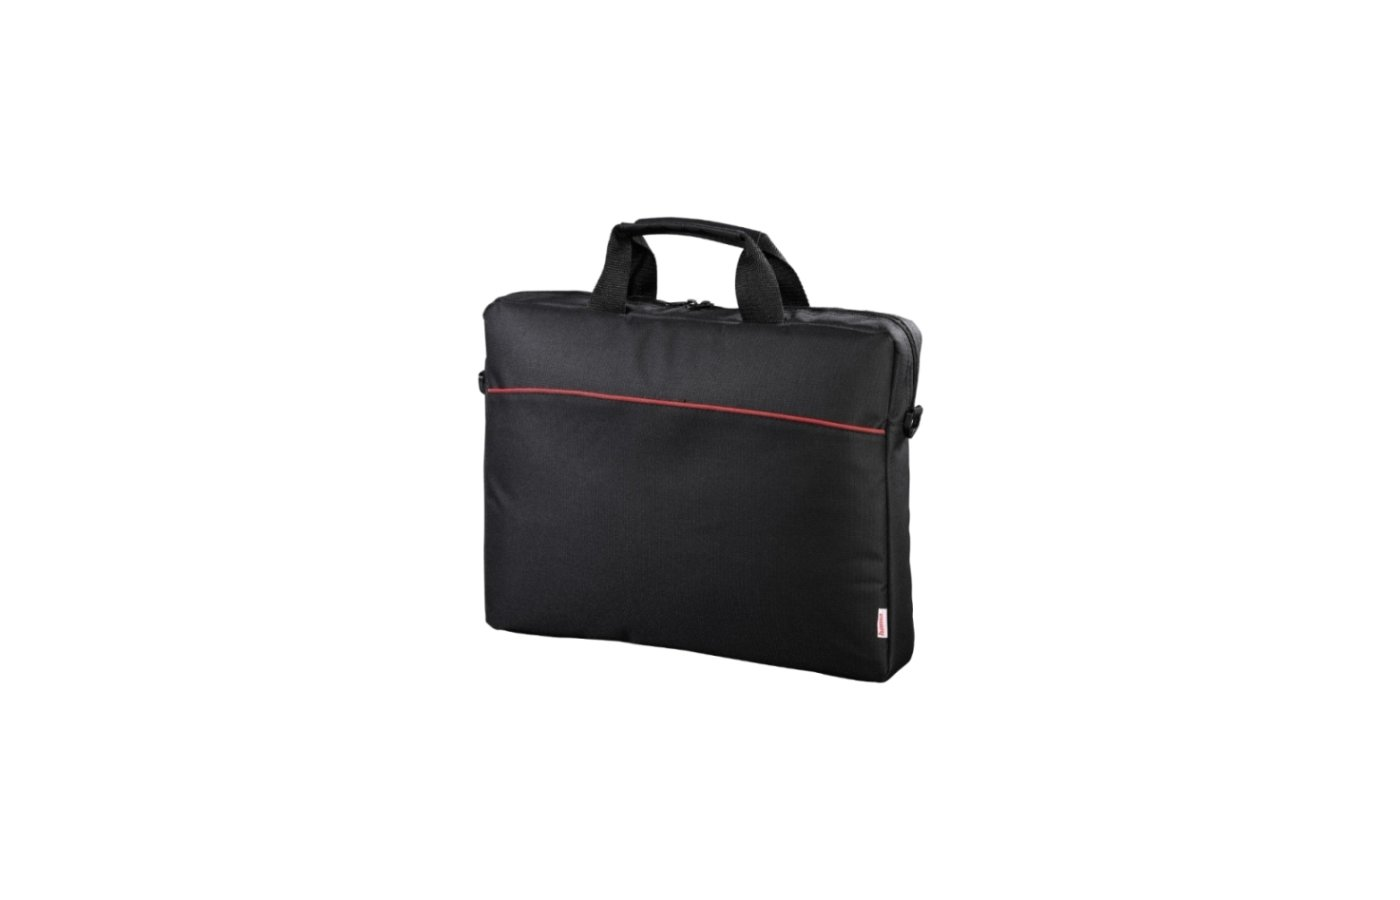 Кейс для ноутбука Hama для Tortuga 15.6 черный политекс (00101216)